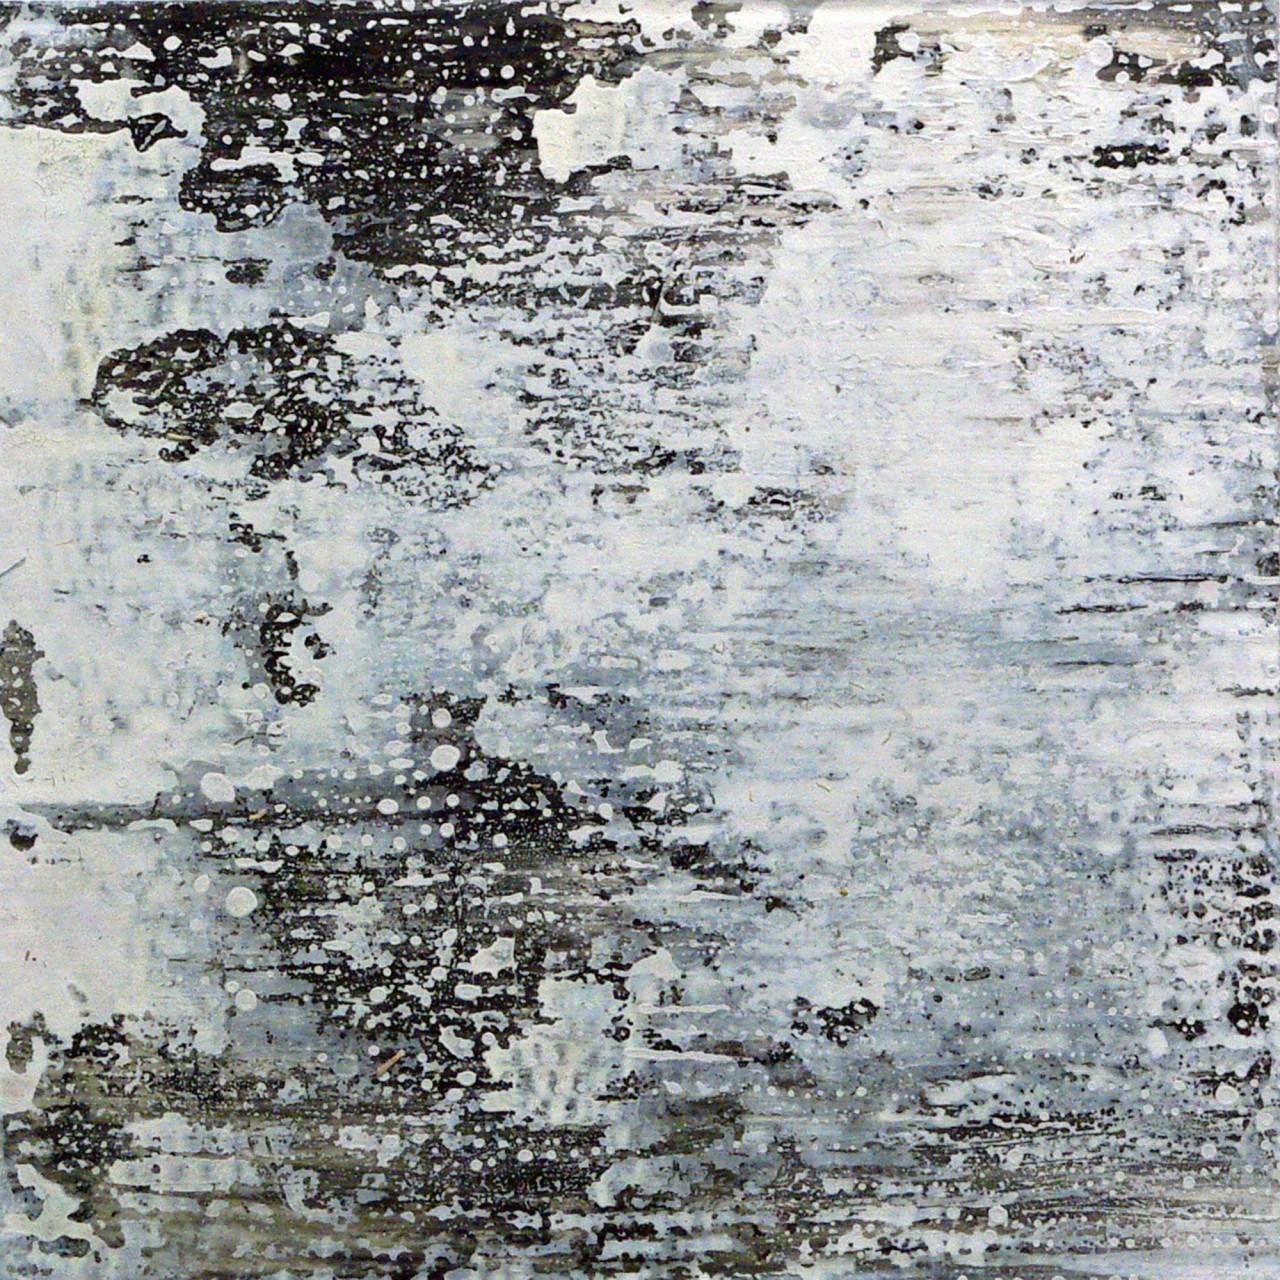 653, 2015 olio e smalto su cartone su tavola 30x30 cm